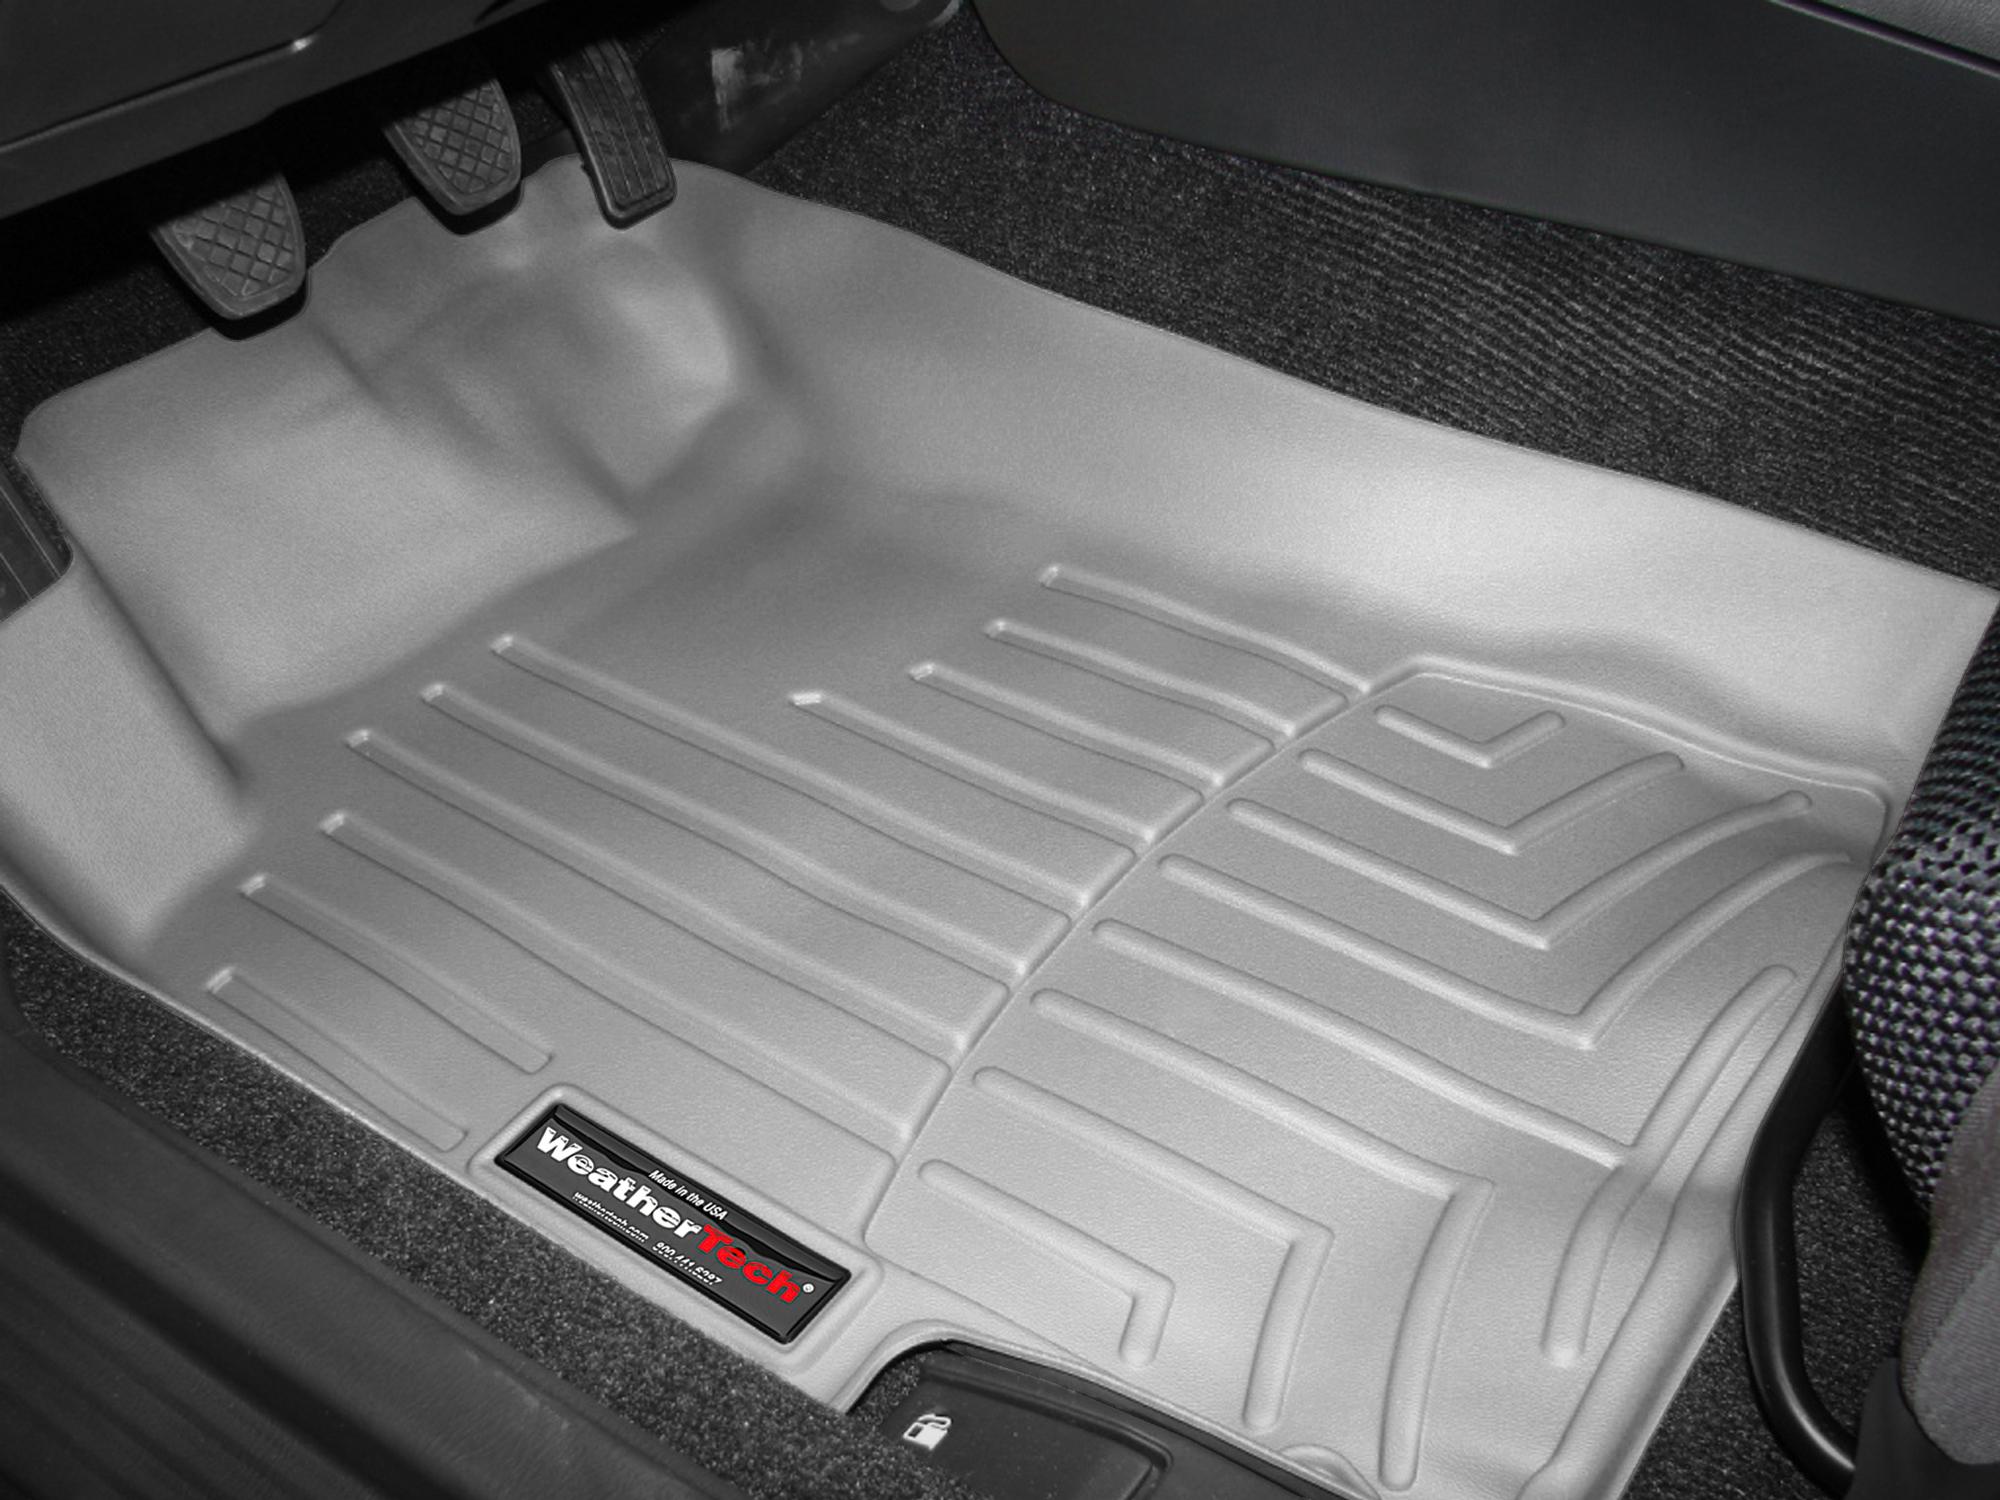 Tappeti gomma su misura bordo alto Subaru Impreza WRX STi 07>07 Grigio A3454